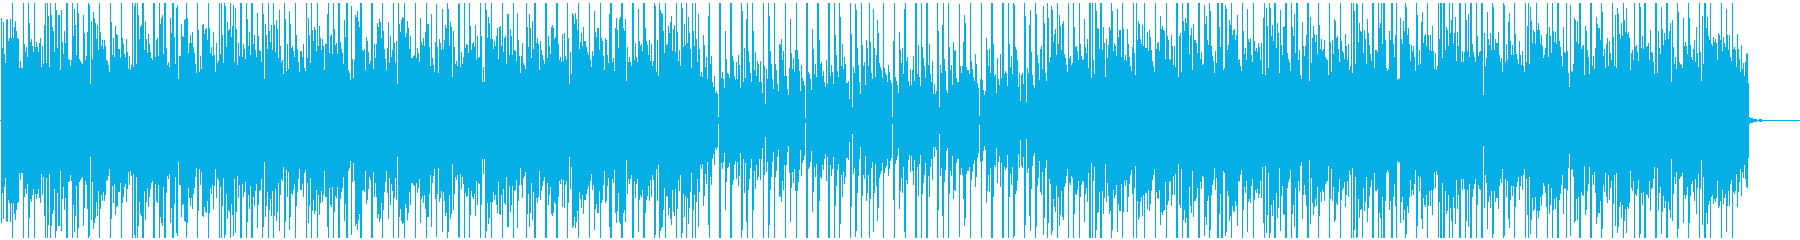 爽やかで明るいポジティブポップスの再生済みの波形